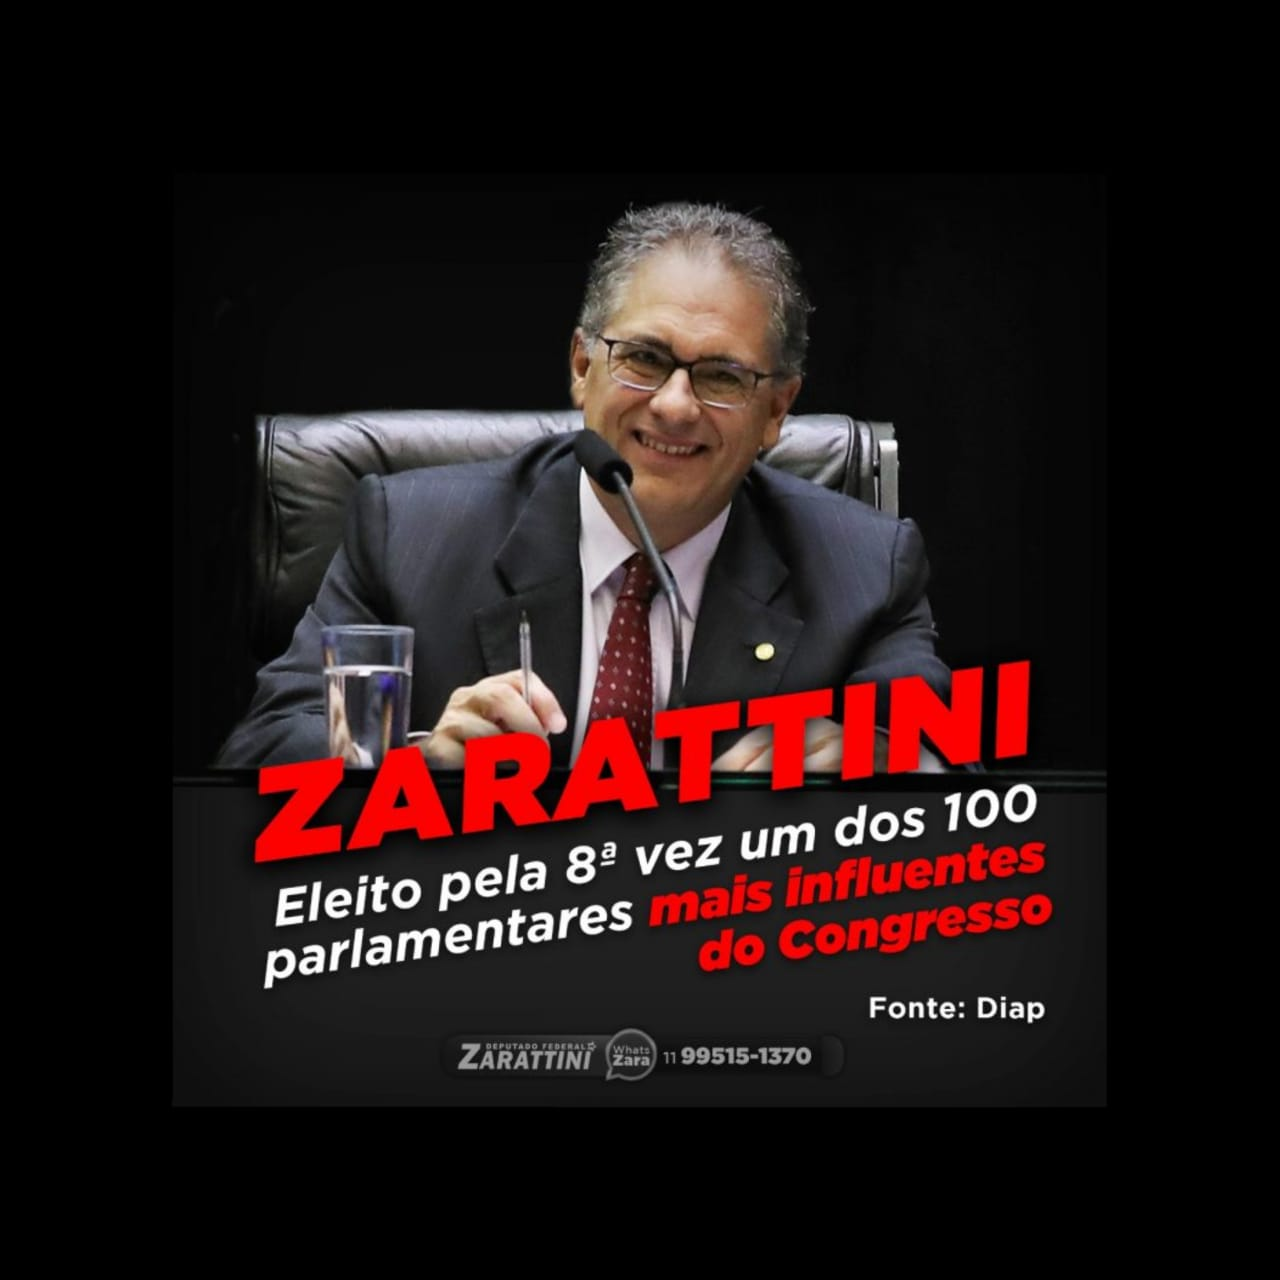 Zarattini é eleito pela 8ª vez um dos parlamentares mais influentes do Congresso Nacional